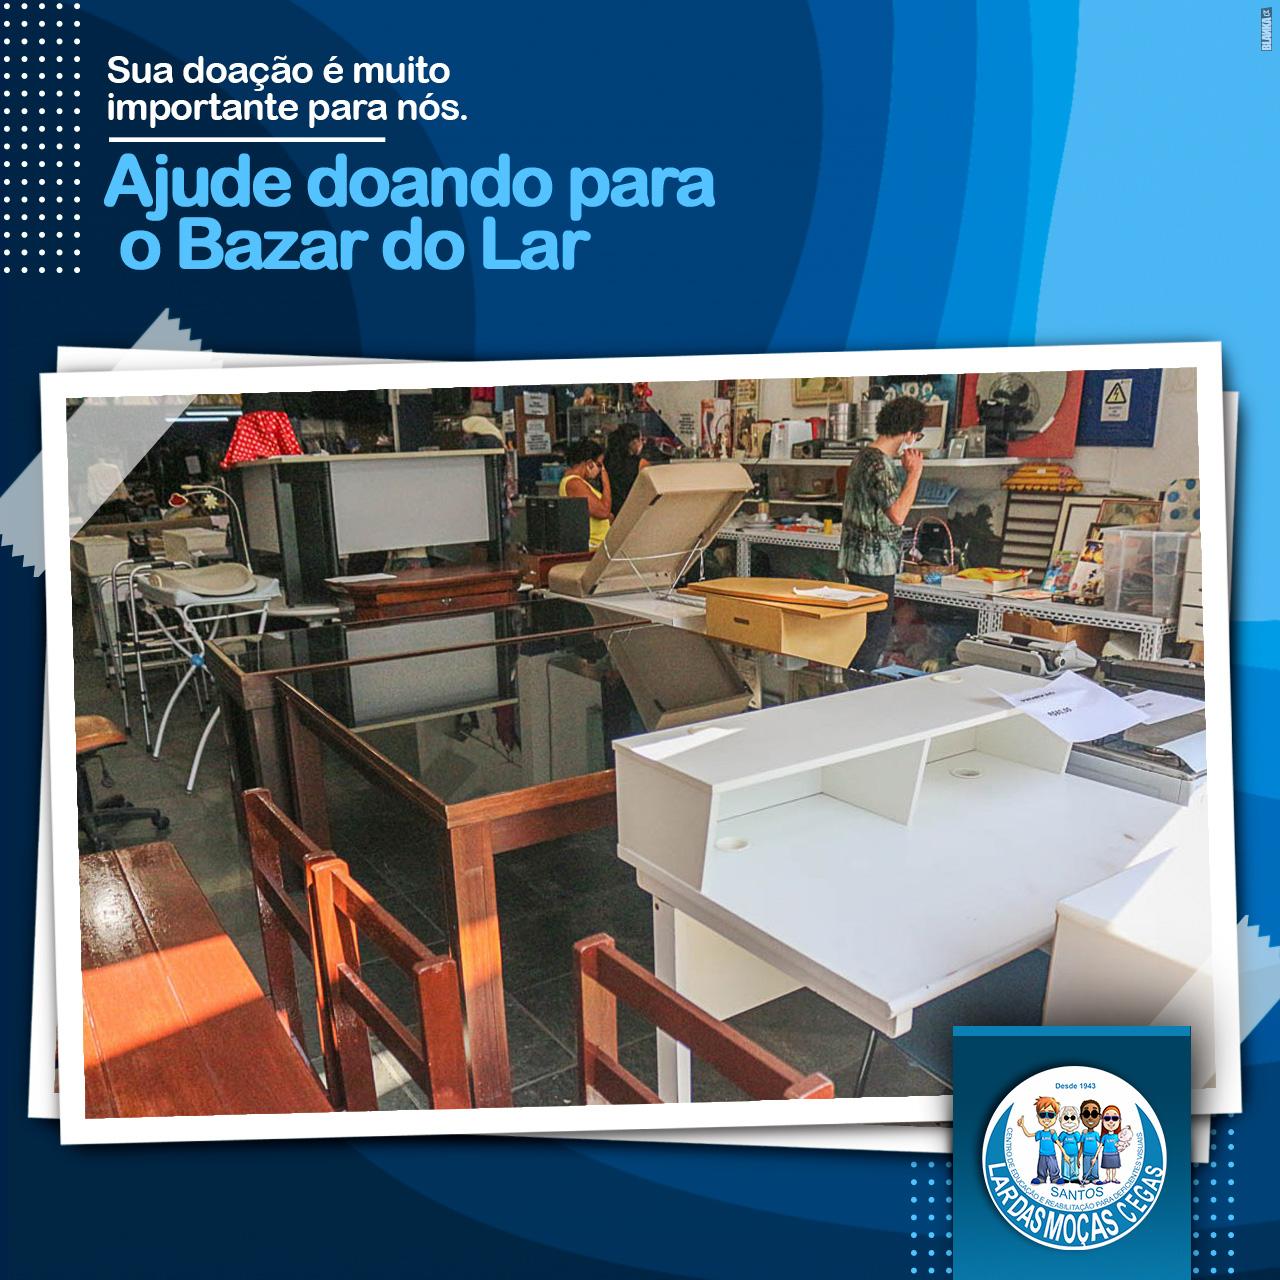 Doe para o Bazar do Lar